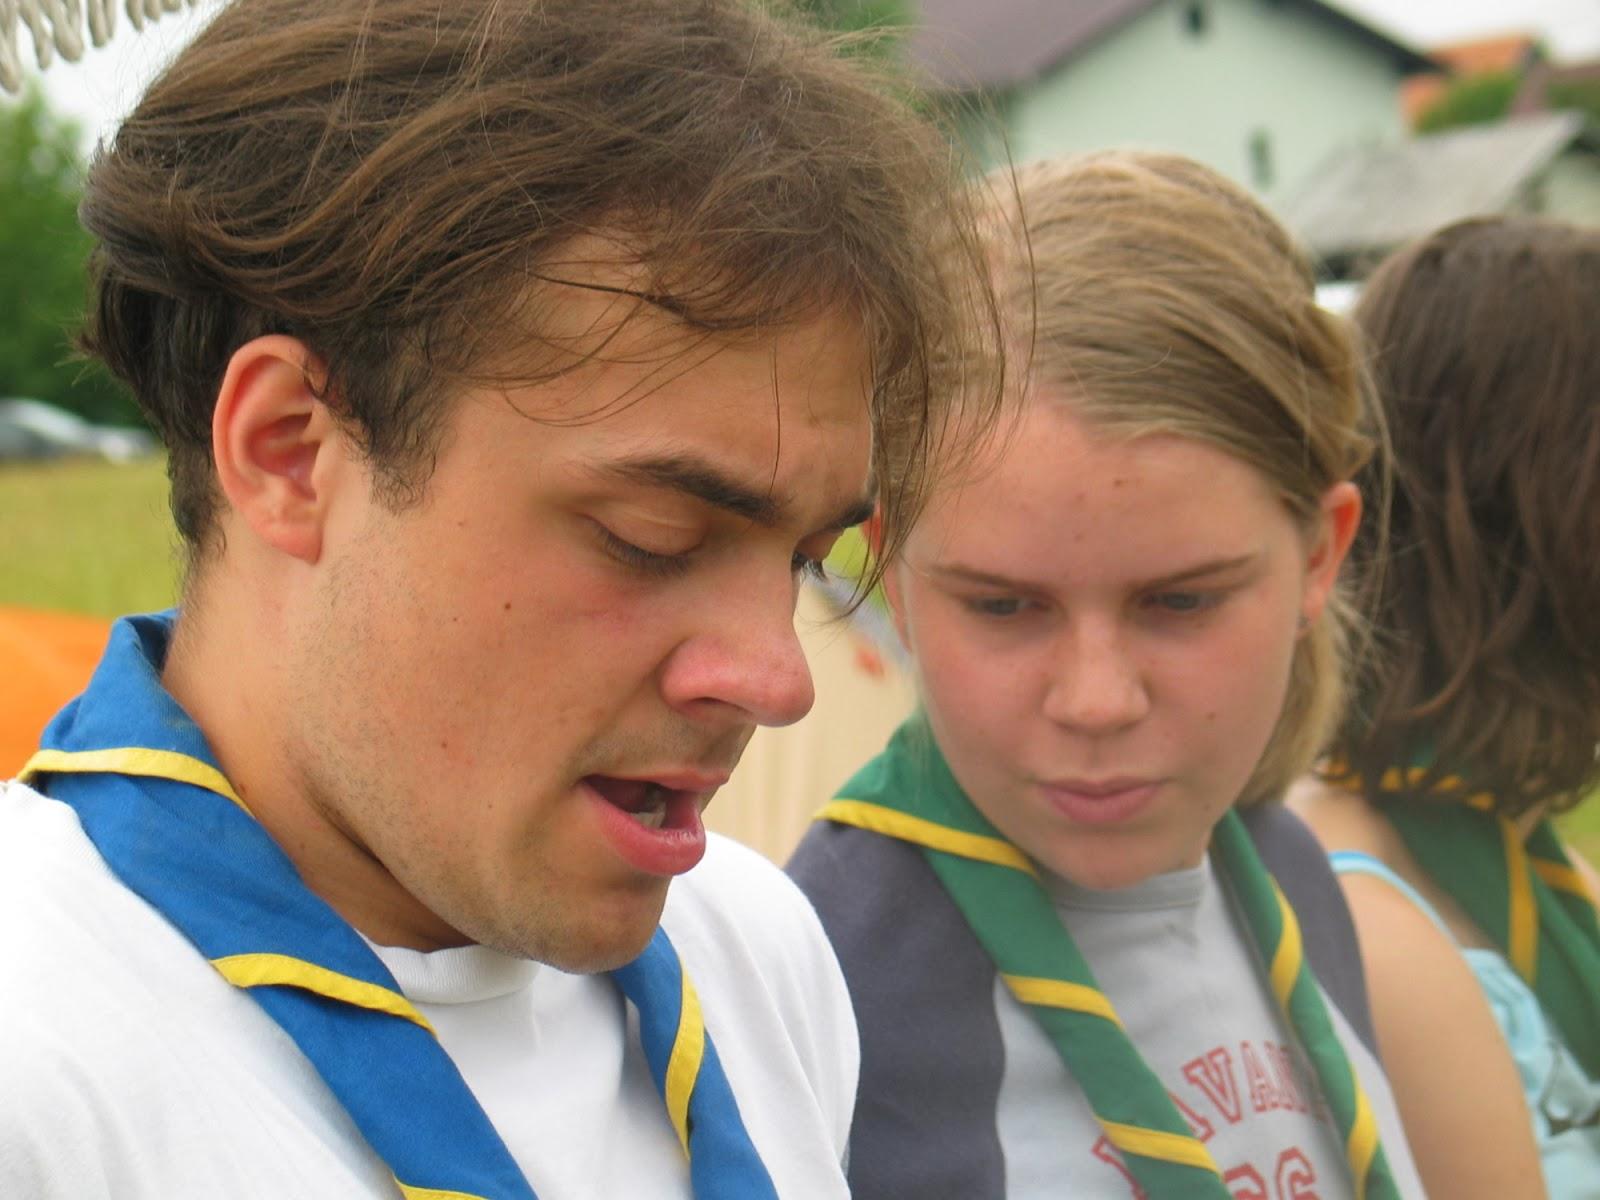 Državni mnogoboj, Slovenska Bistrica 2005 - Mnogoboj%2B2005%2B151.jpg